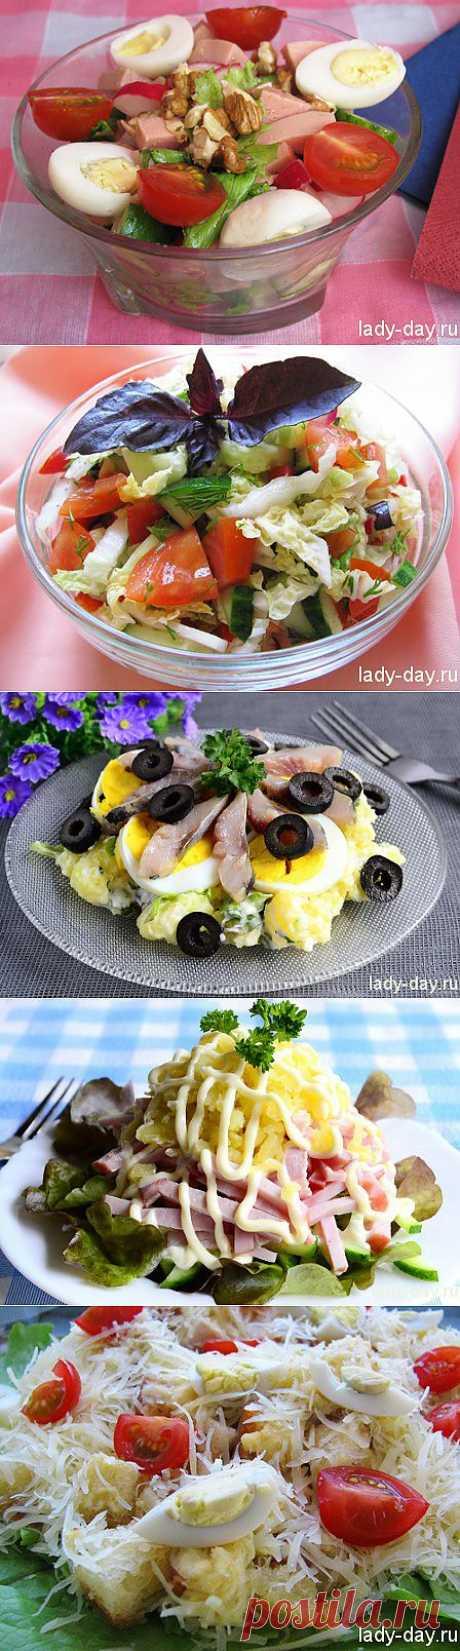 Лучшие салаты | Простые рецепты с фото